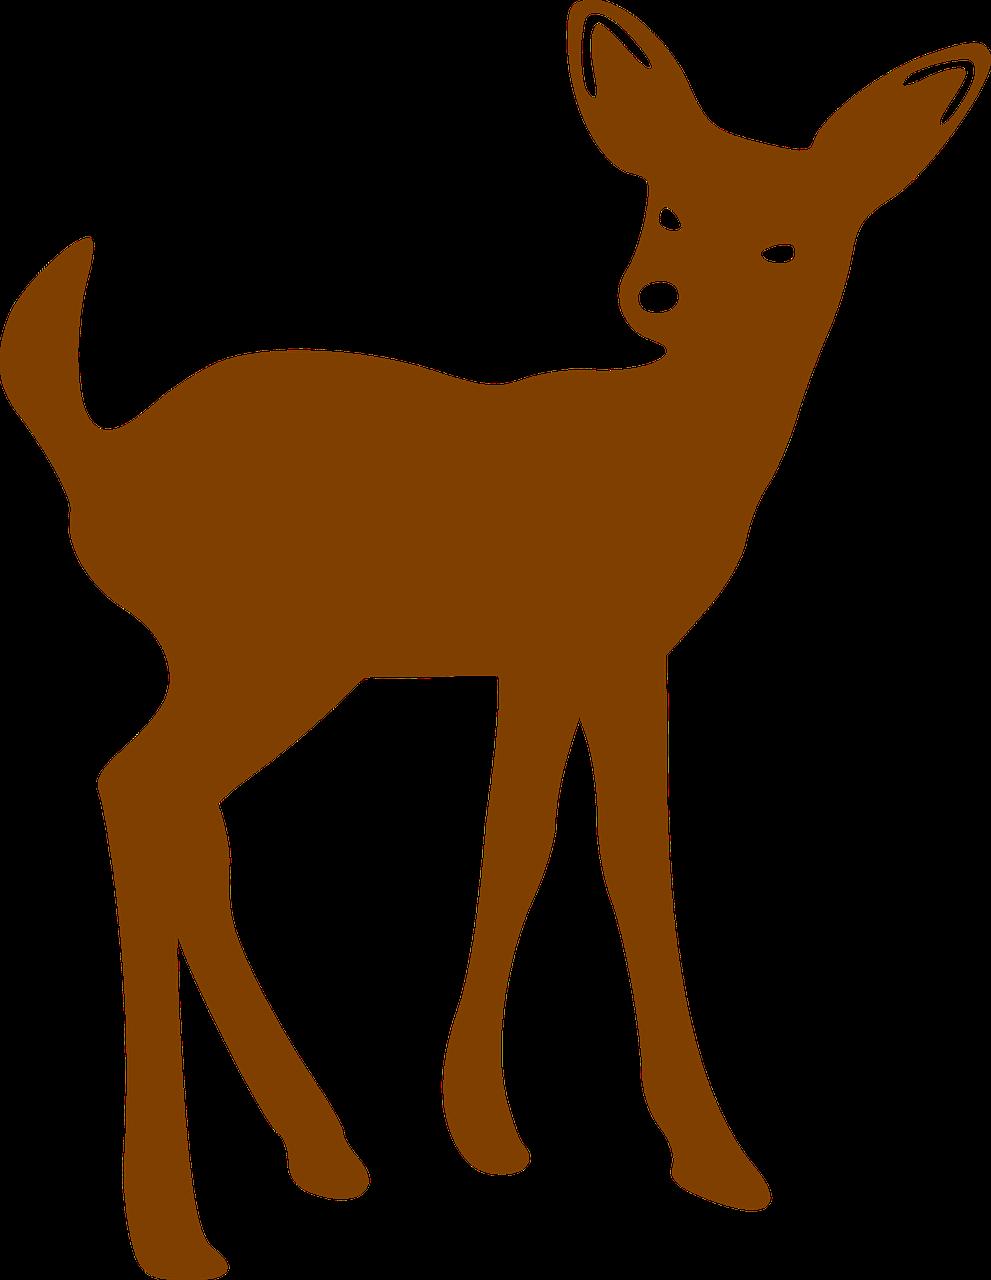 Woodland clipart fawn. Deer bambi brown mammal